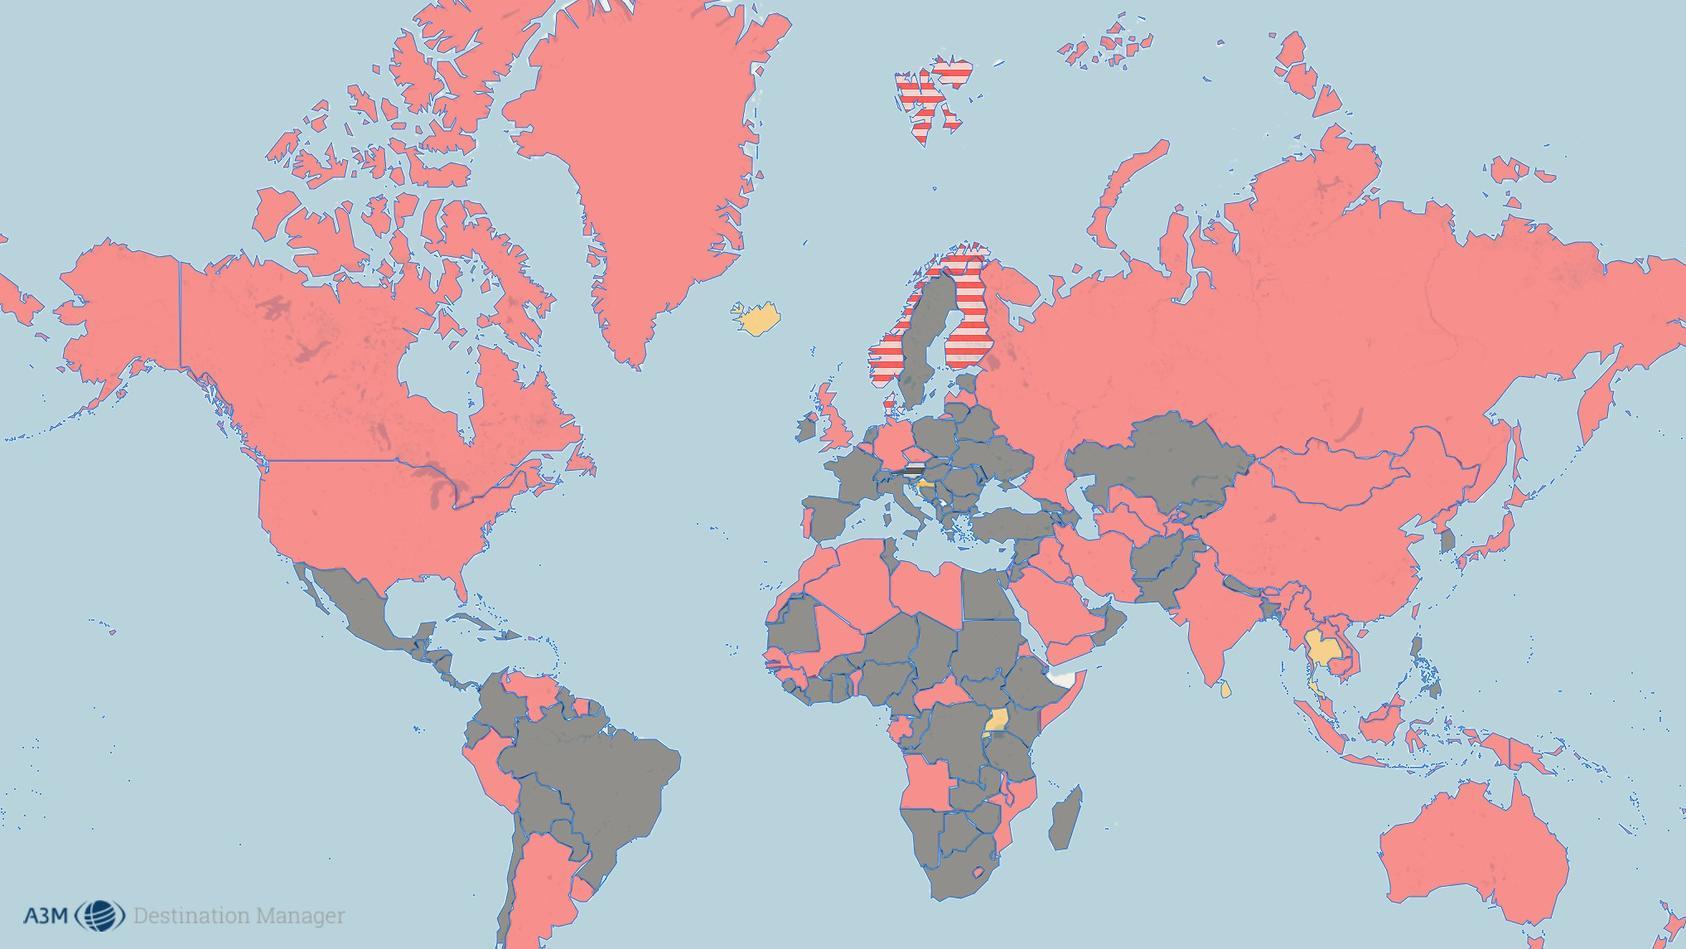 Die Weltkarte von A3M zeigt, wohin Reisen trotz Corona-Pandemie aktuell theoretisch möglich wären.